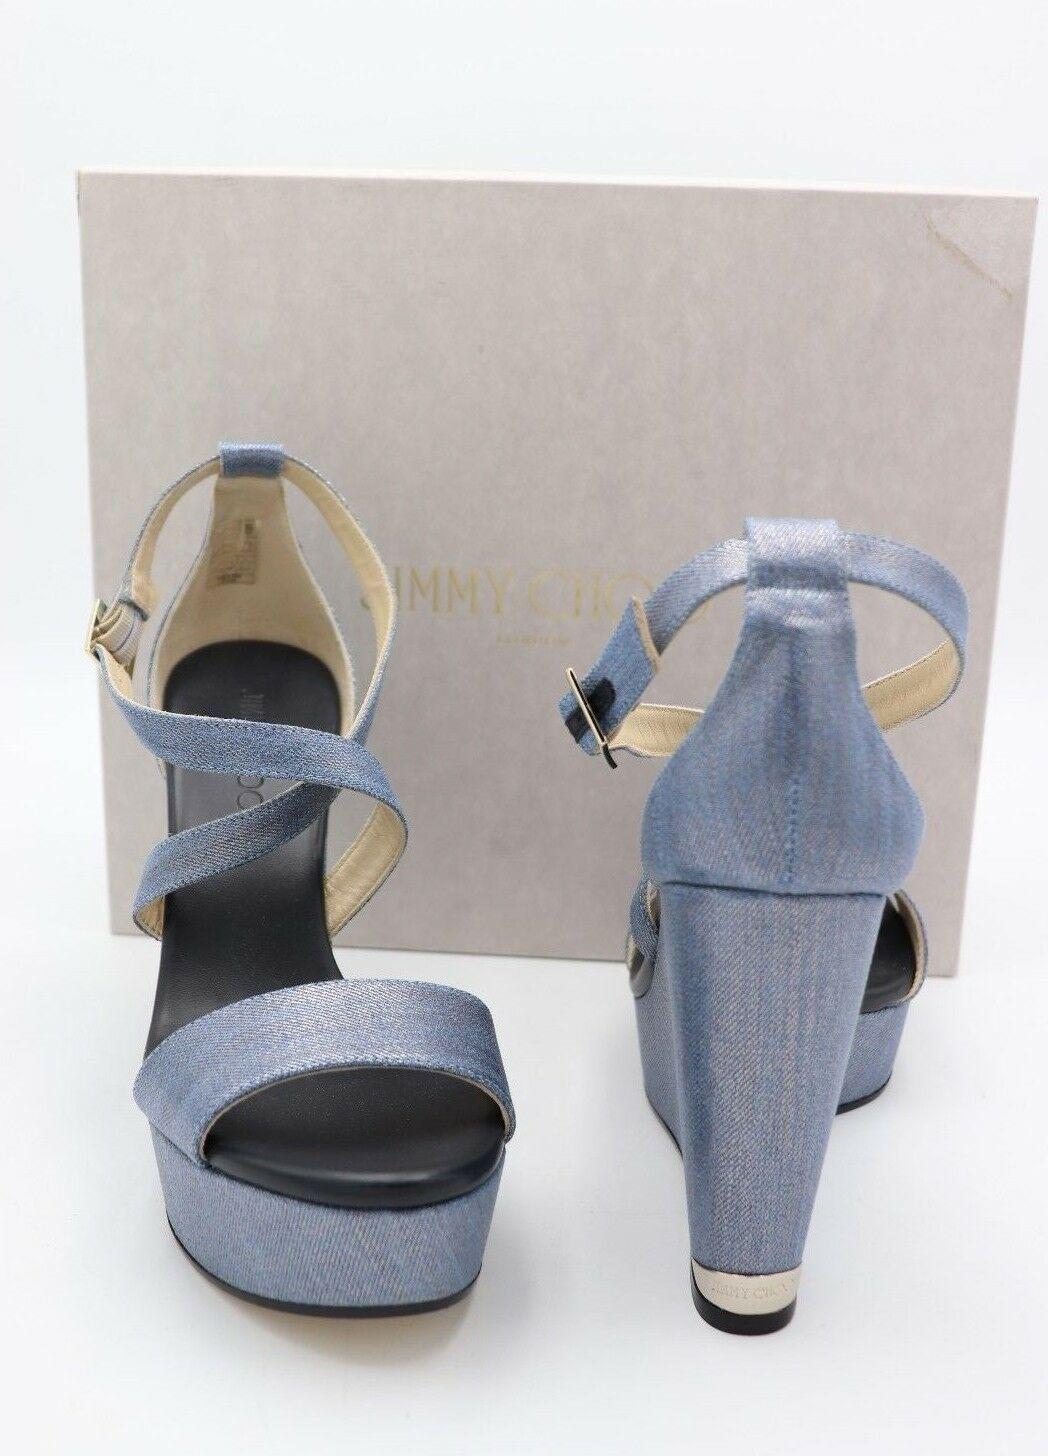 Nuevo en Caja Jimmy Choo Portia Metálico Denim Azul Plataforma Sandalias 11 41